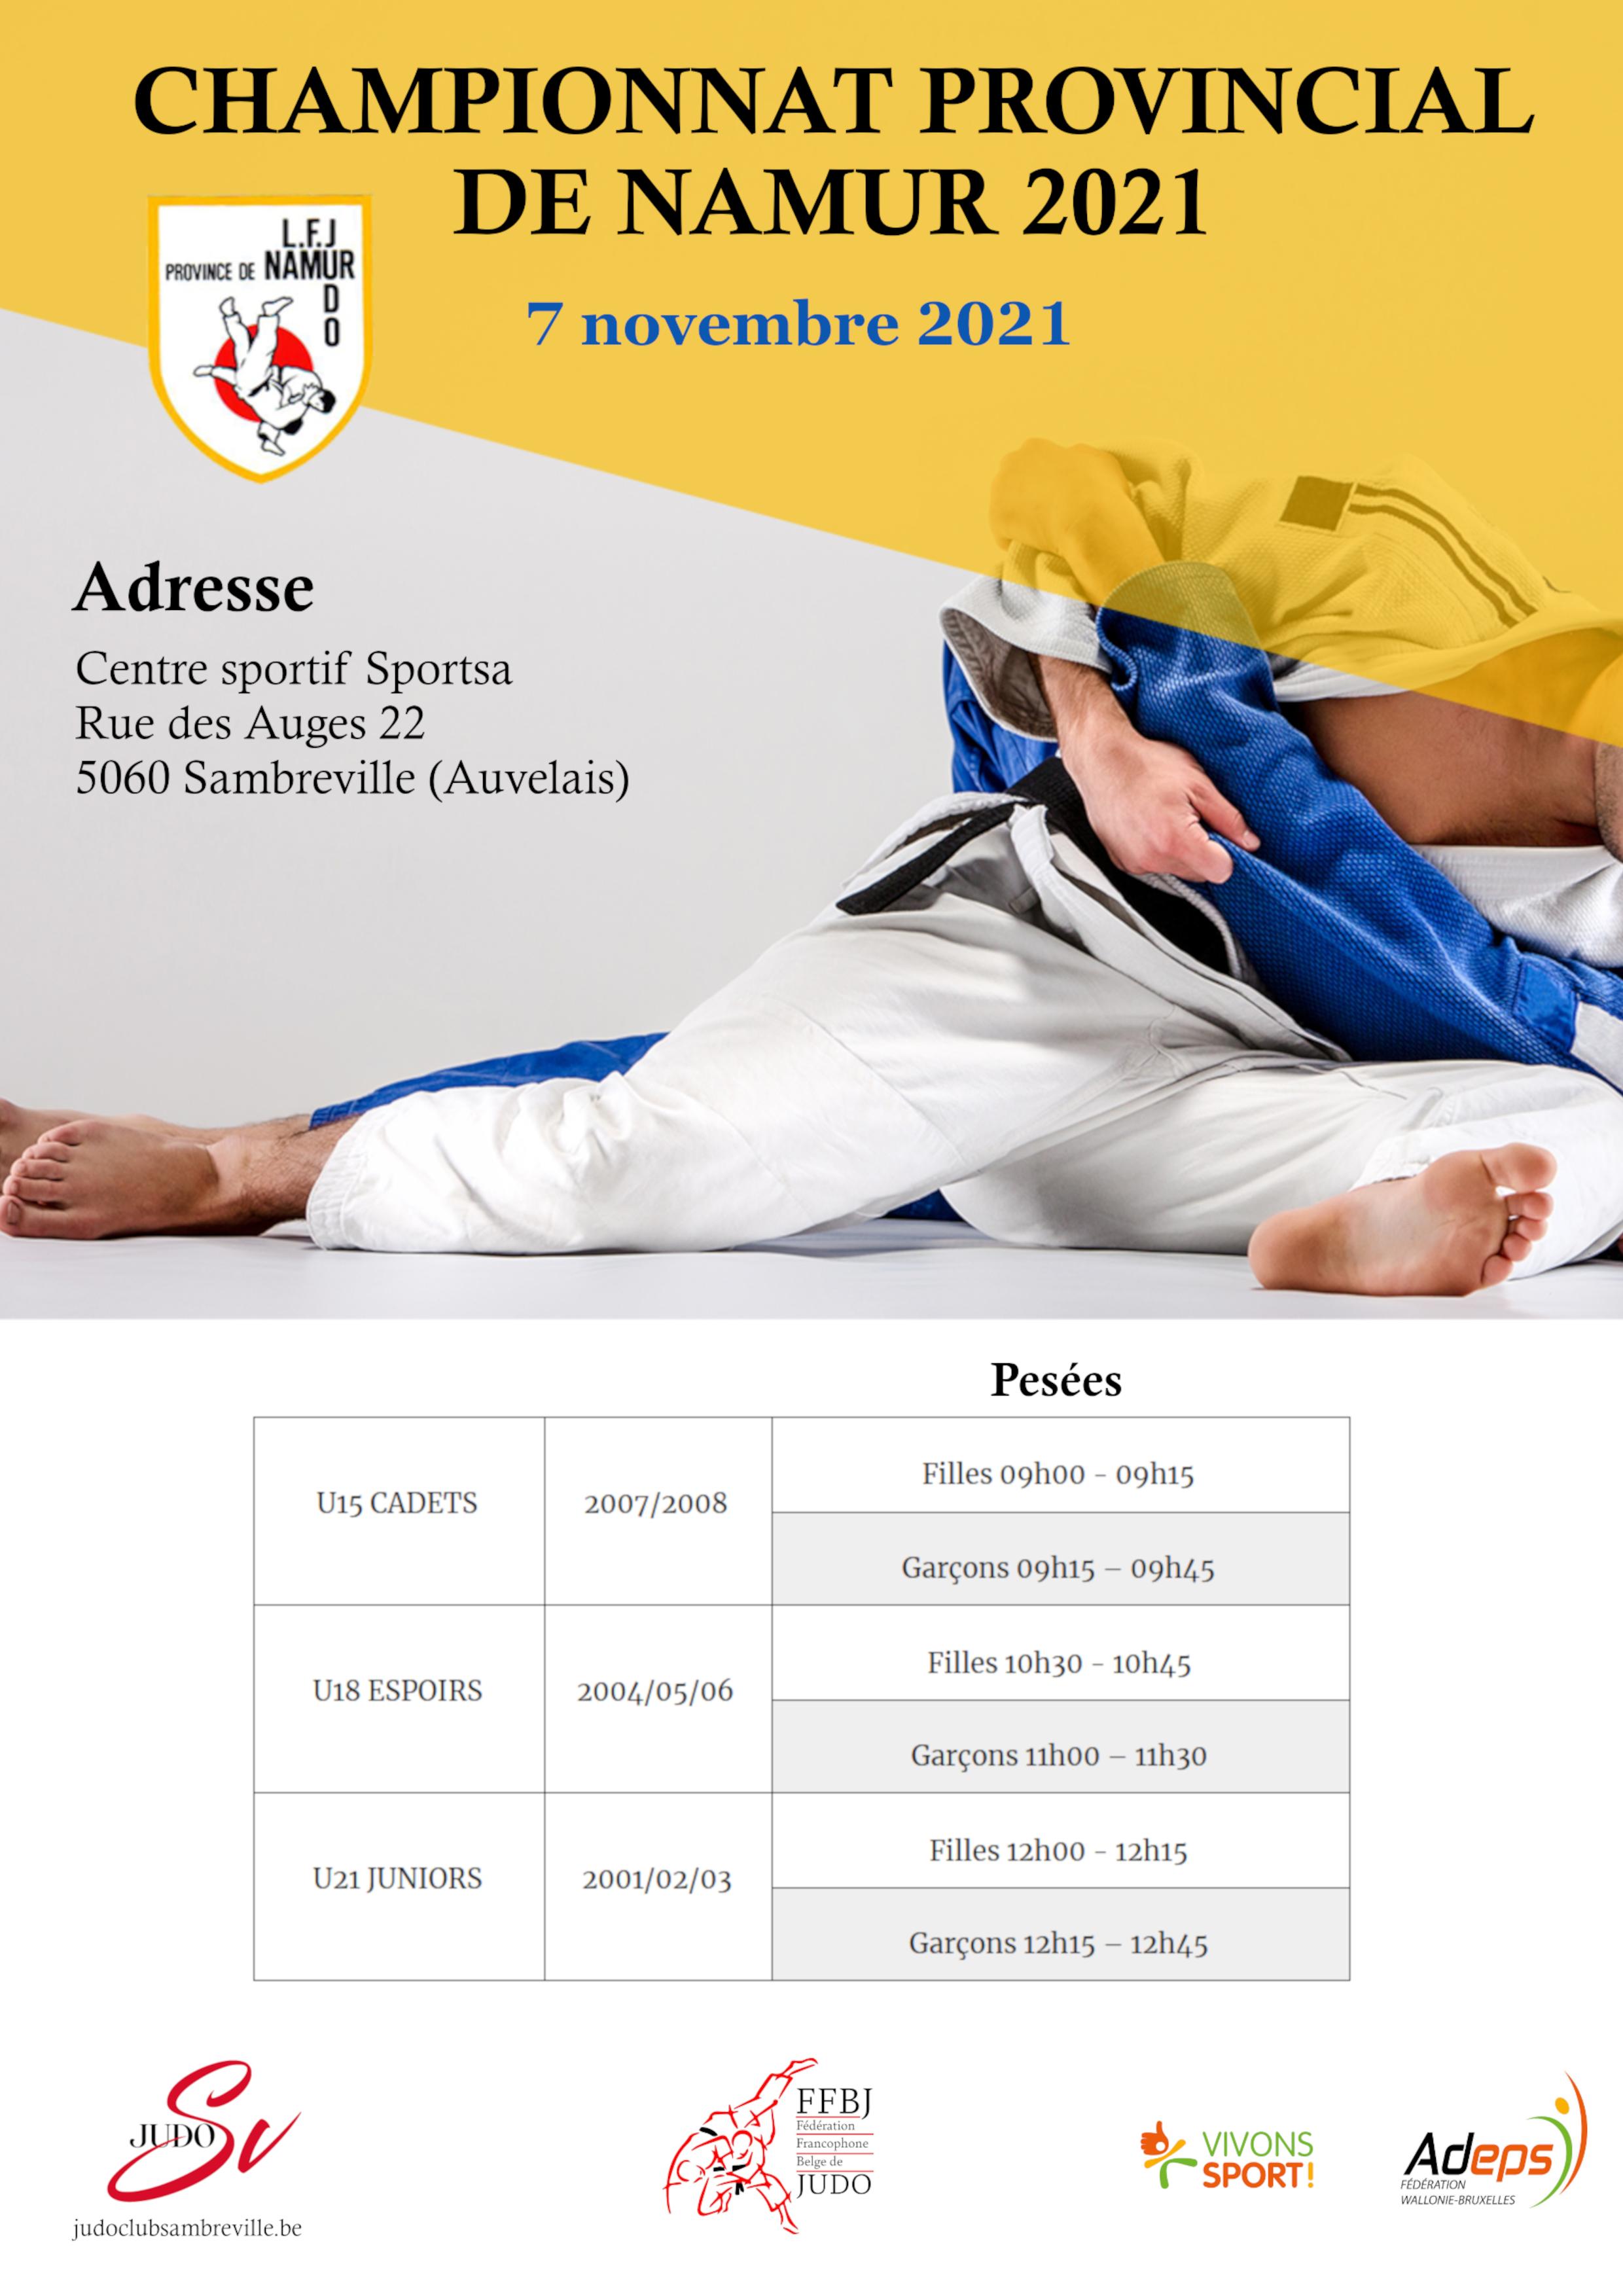 Championnat provincial de Namur 2021